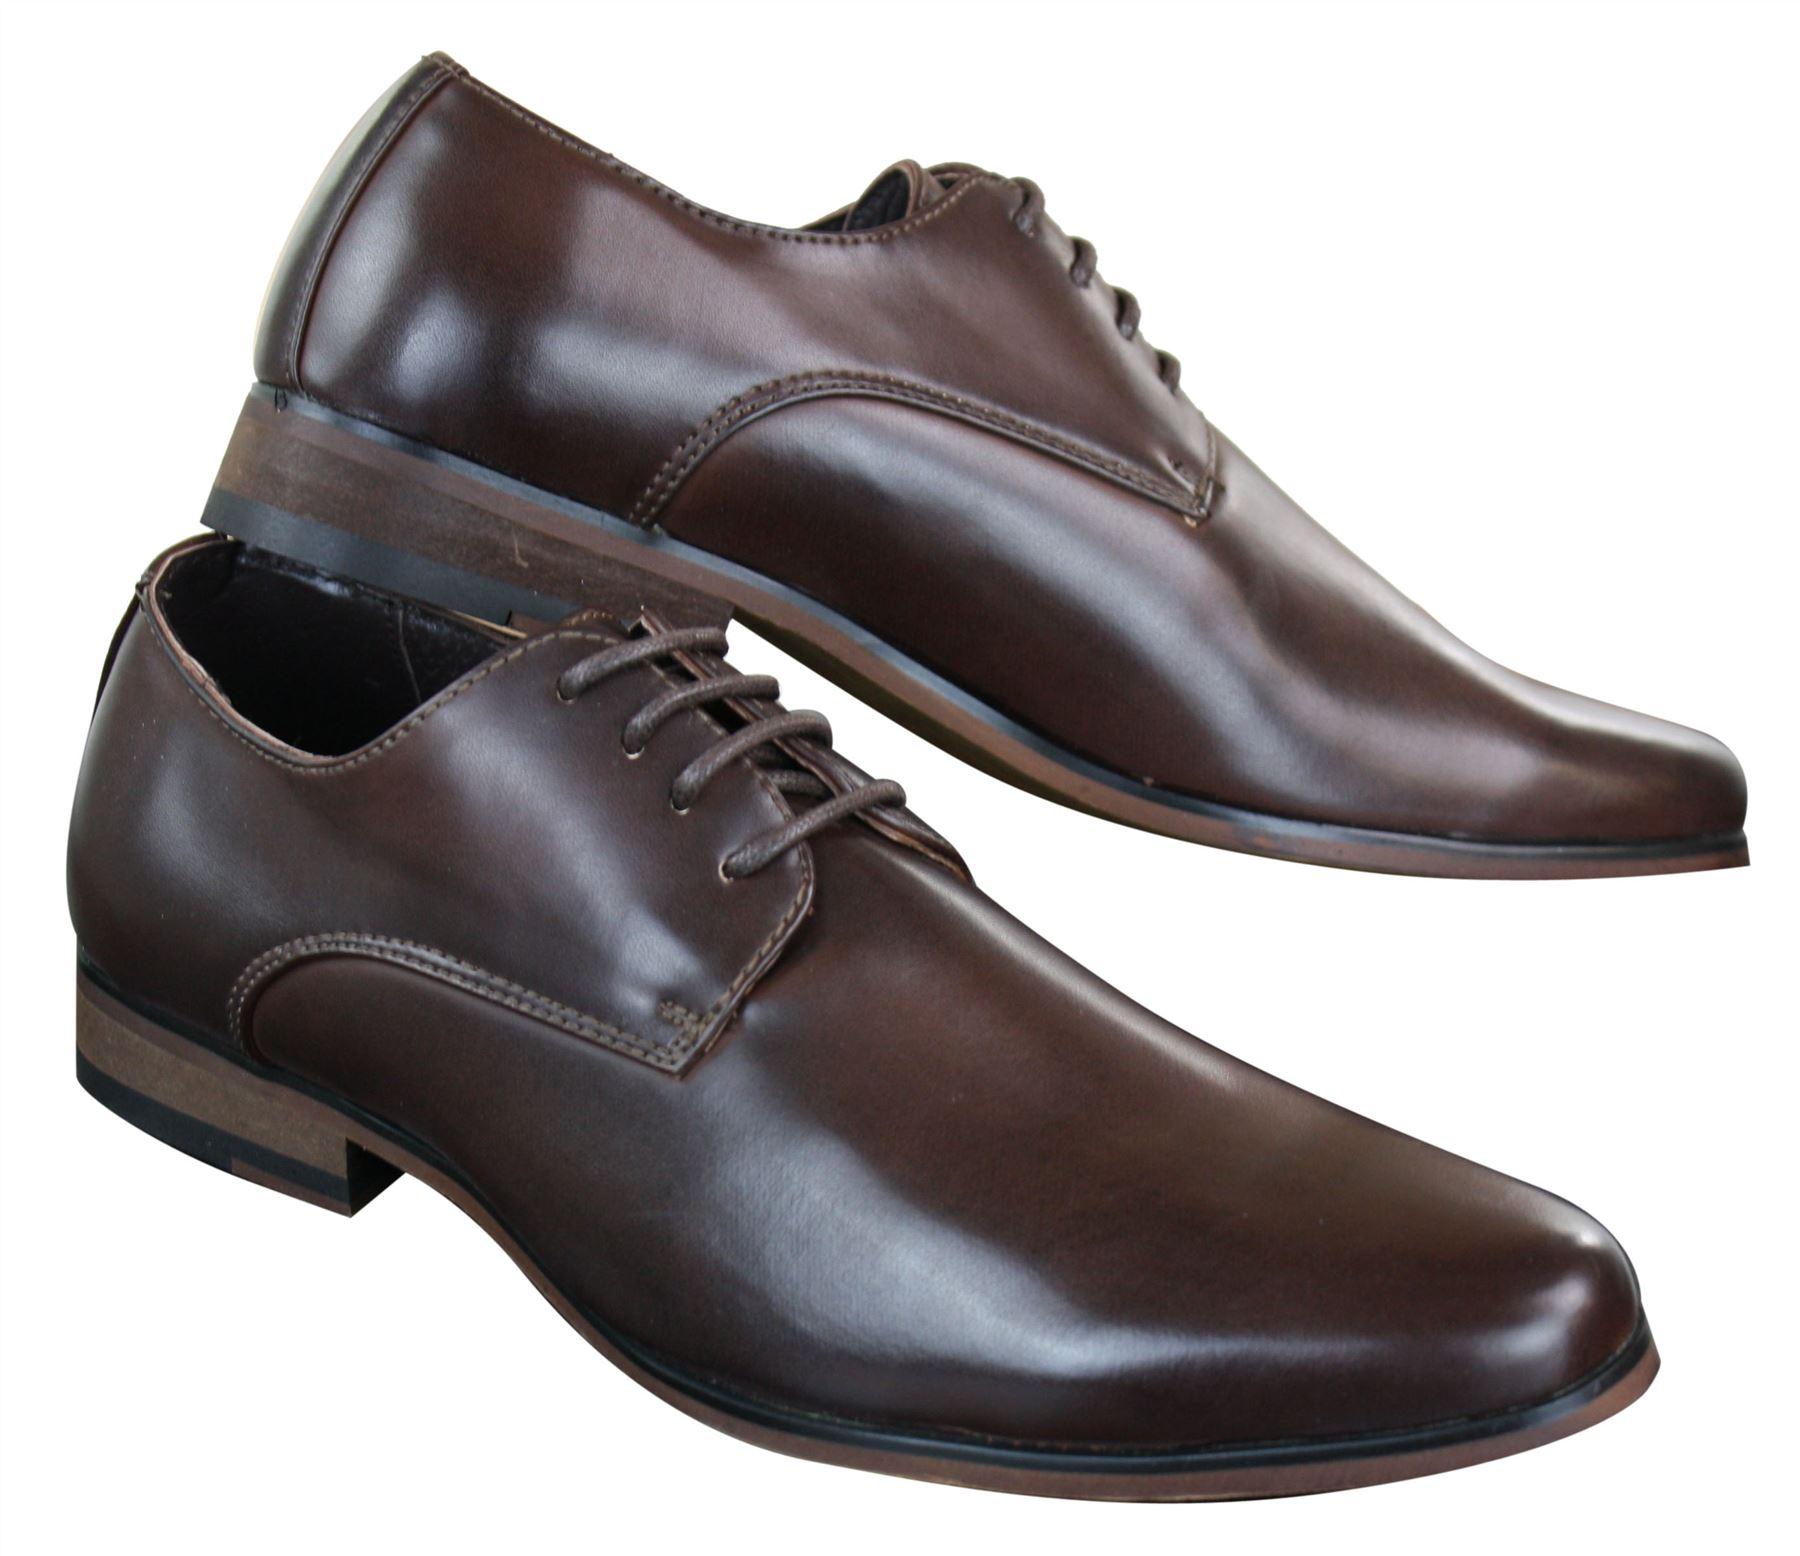 Scarpe Classiche da Uomo in Finta Pelle Marrone Stile Vintage con Lacci 3 3  di 4 ... 904e643271f